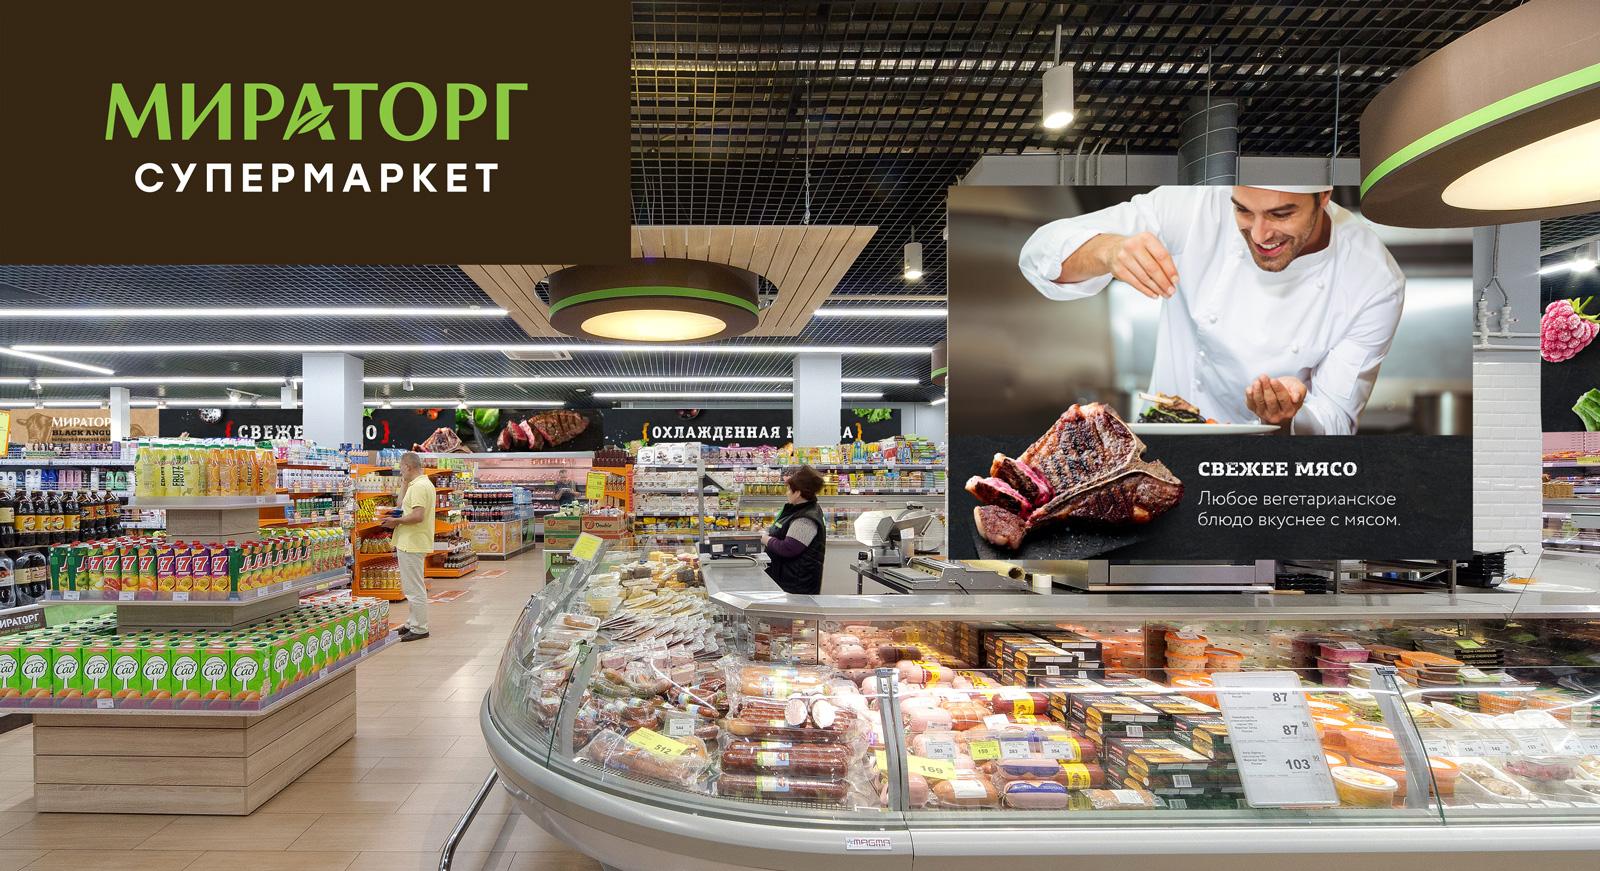 Ритейл-брендинг, использование обновленного фирменного стиля в интерьере супермаркетов «Мираторг»